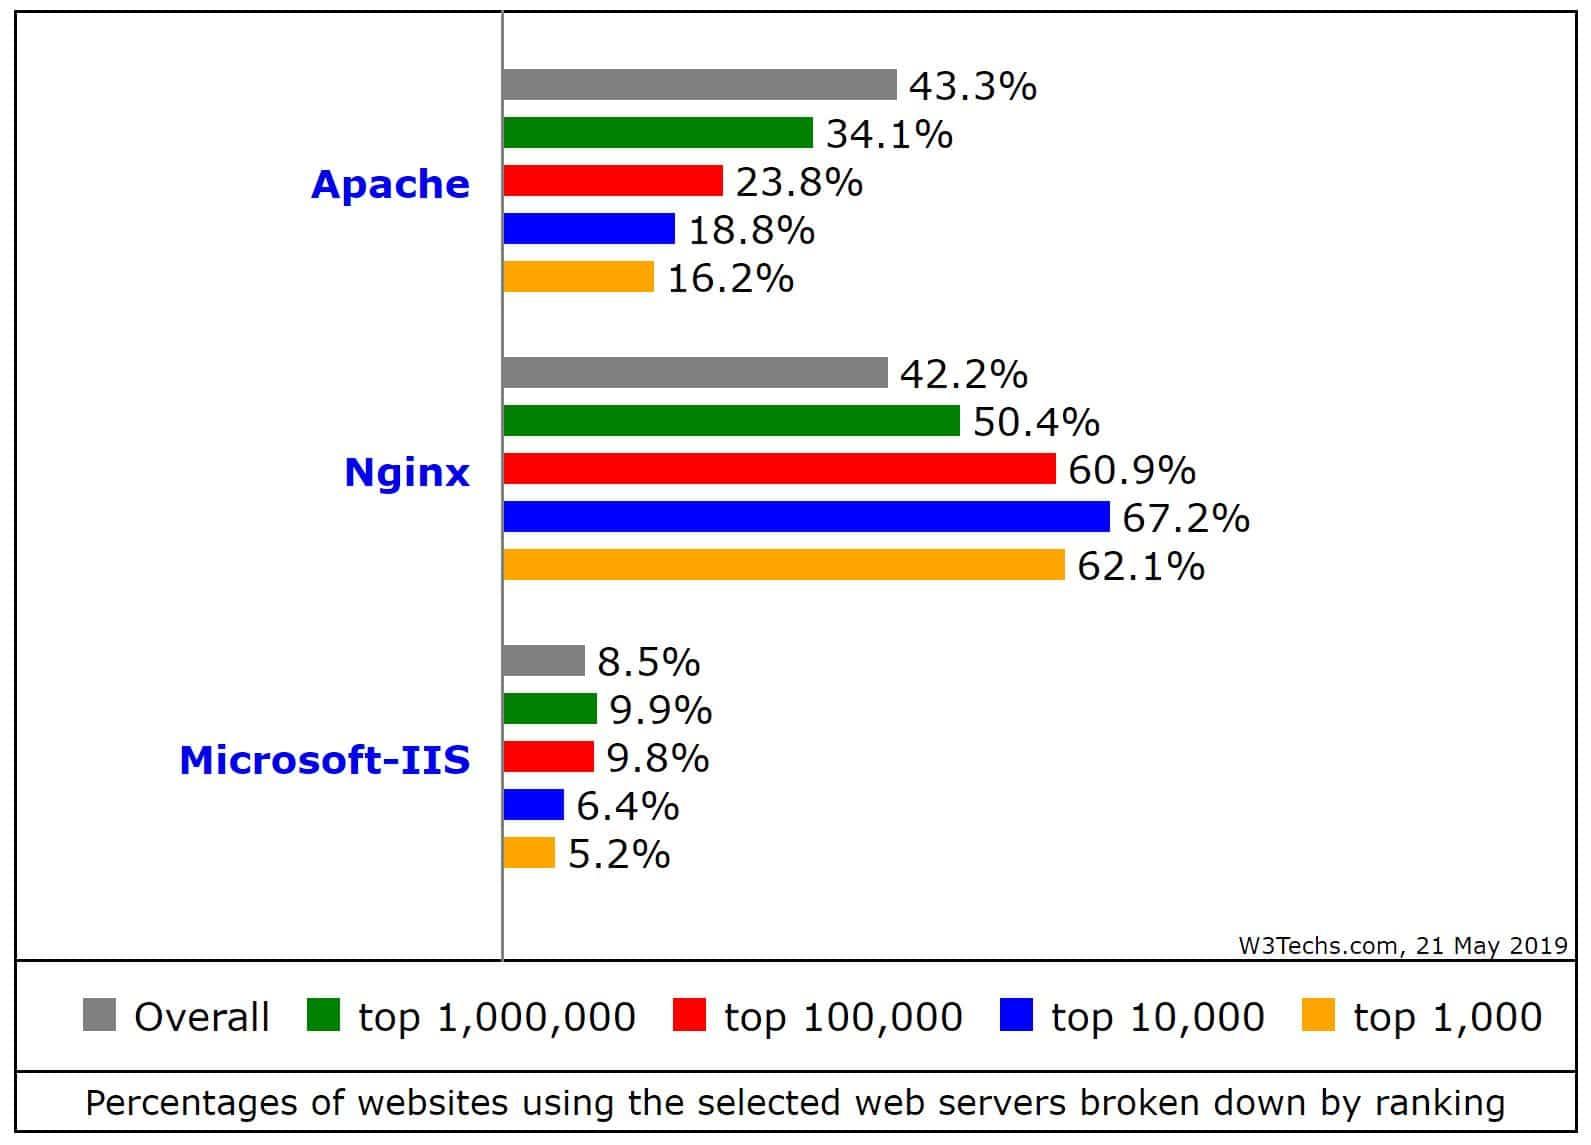 Prozentsatz der Websites, die Nginx nutzen